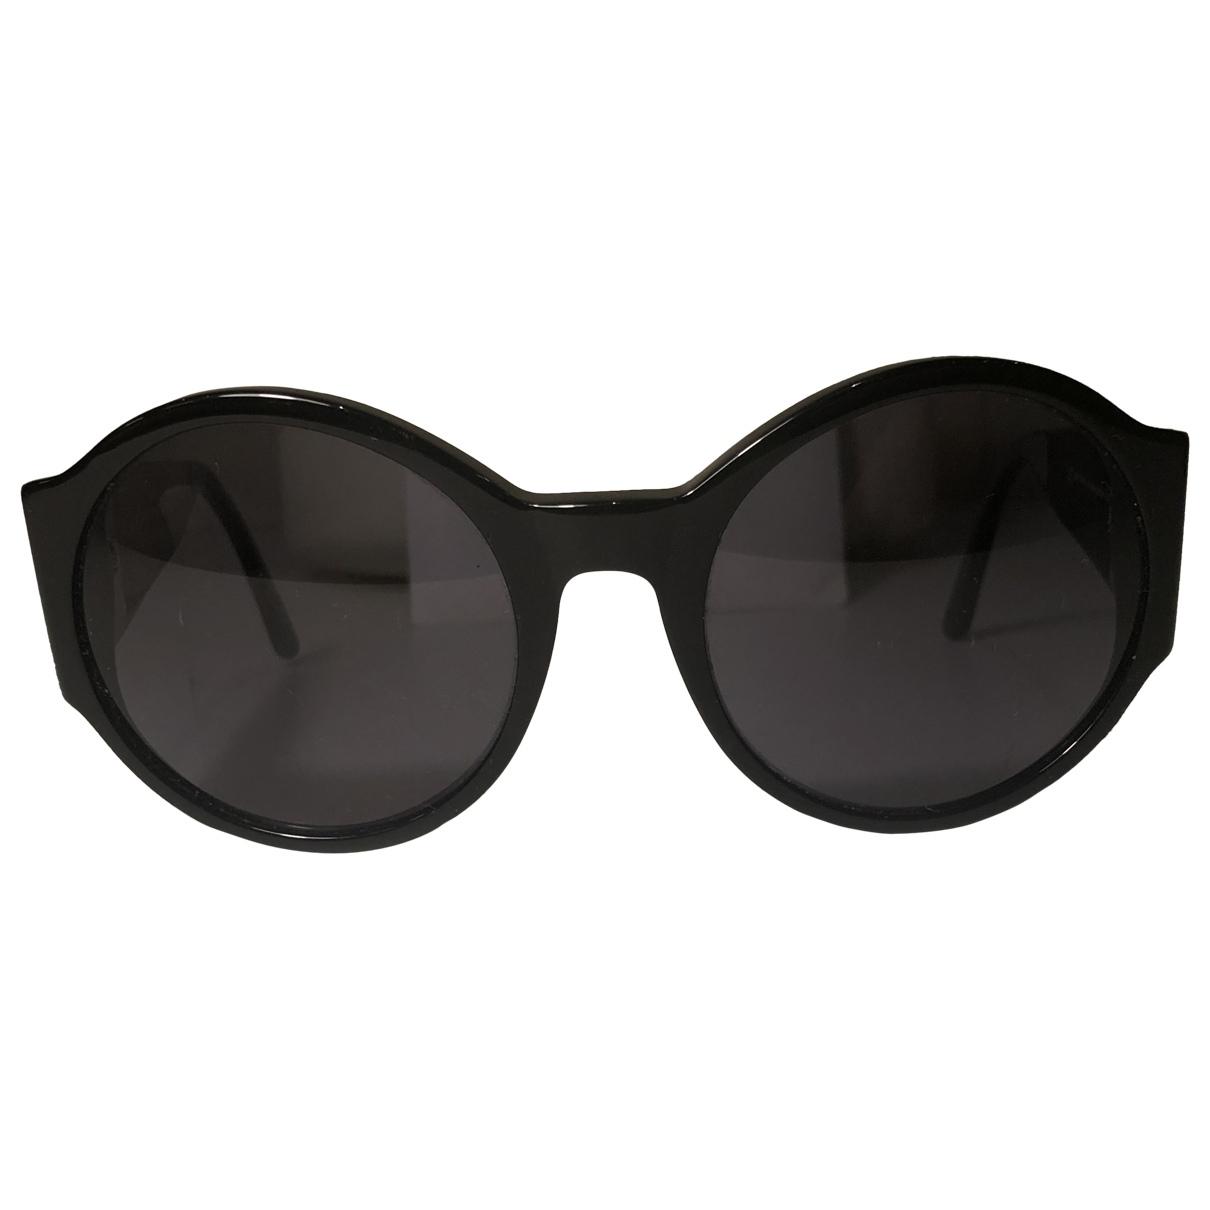 Balenciaga - Lunettes   pour femme - noir